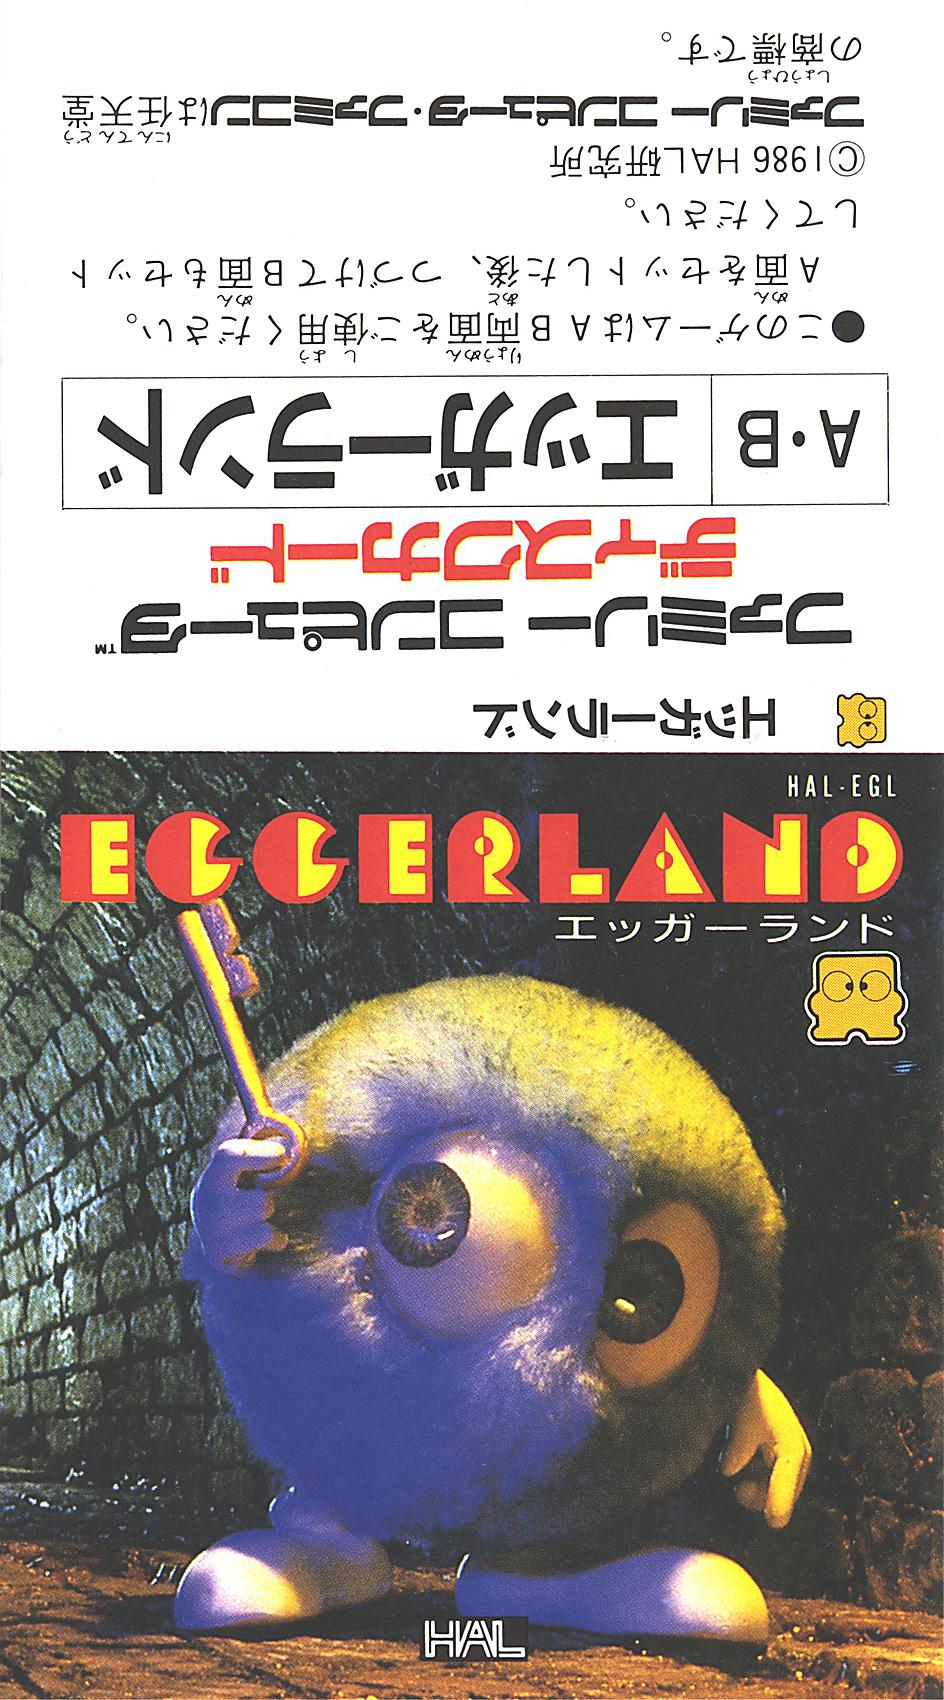 eggerland_jp